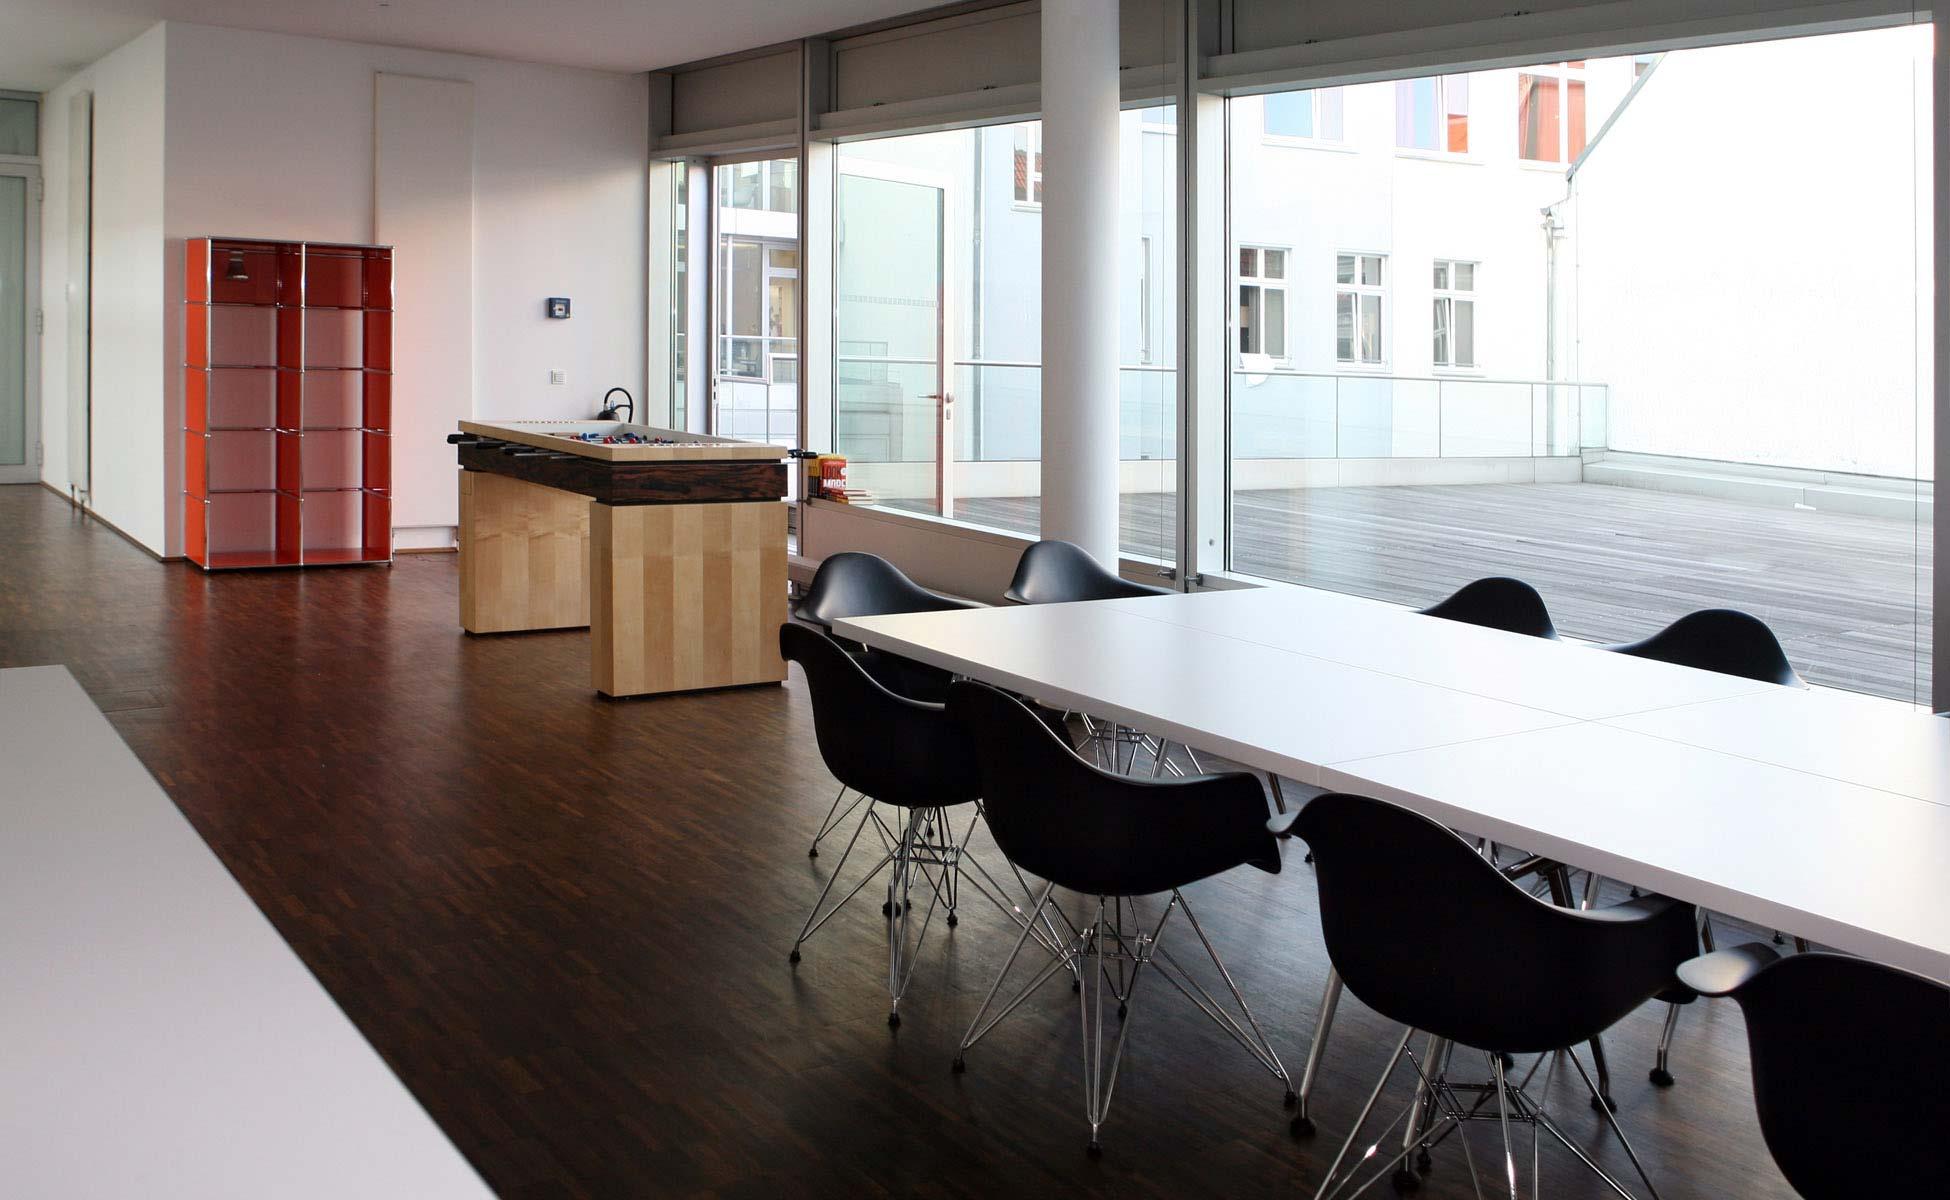 Office Interior Vitra Kantinen Einrichtung bei steidten+ Berlin